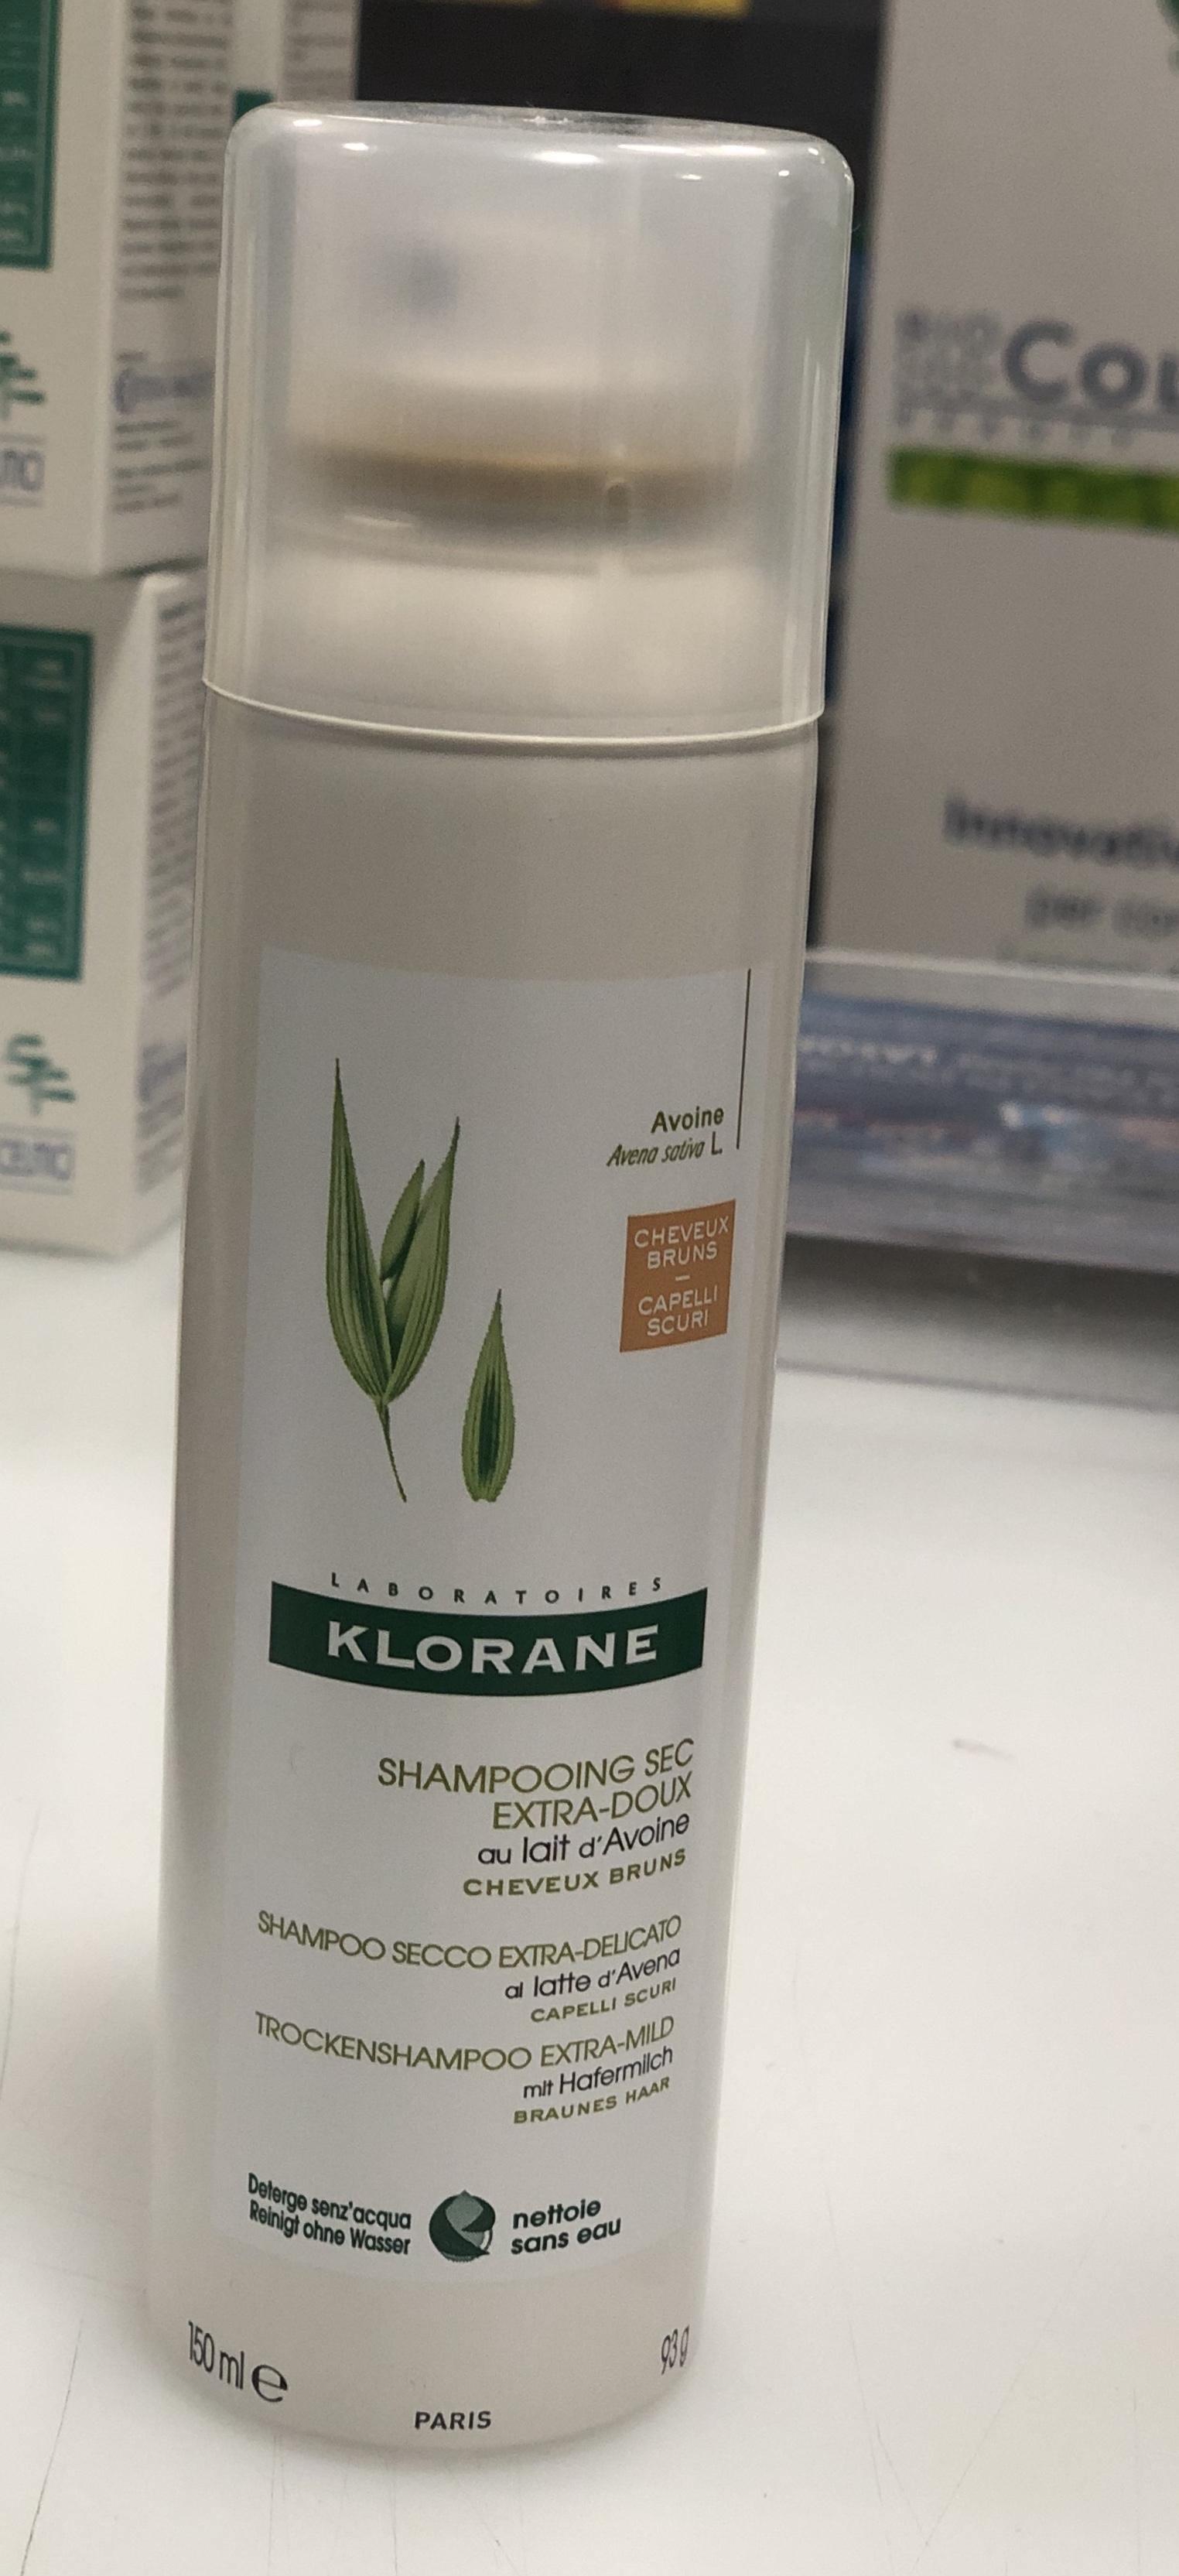 Klorane shampoo secco extra-delicato capelli scuri